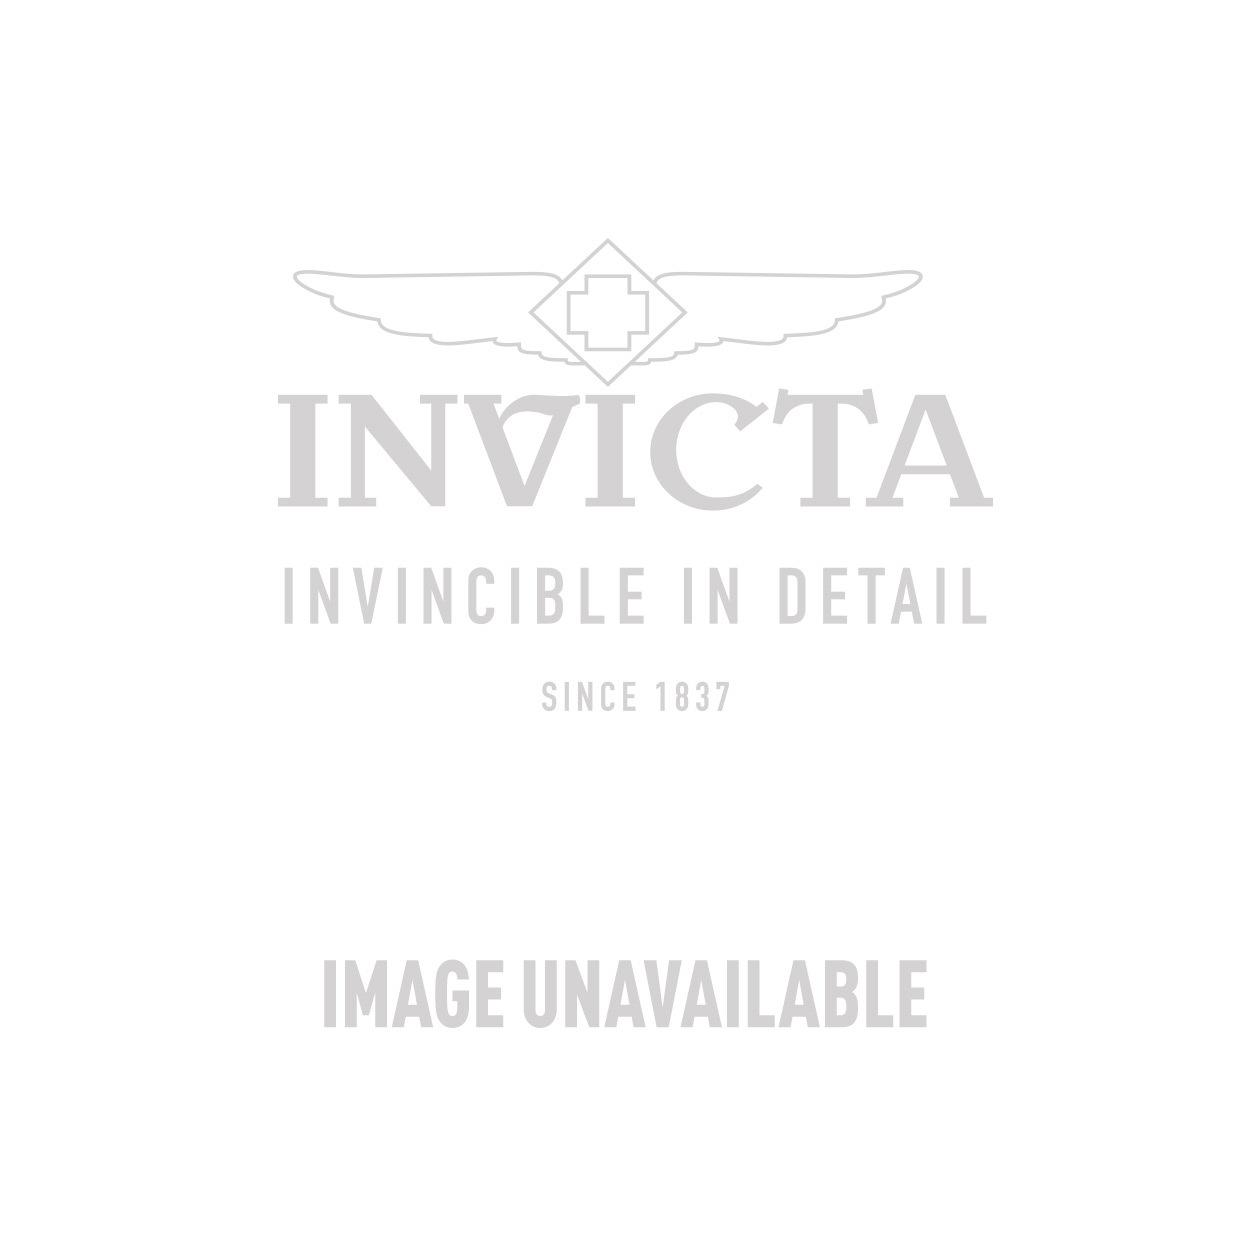 Invicta Model 24030